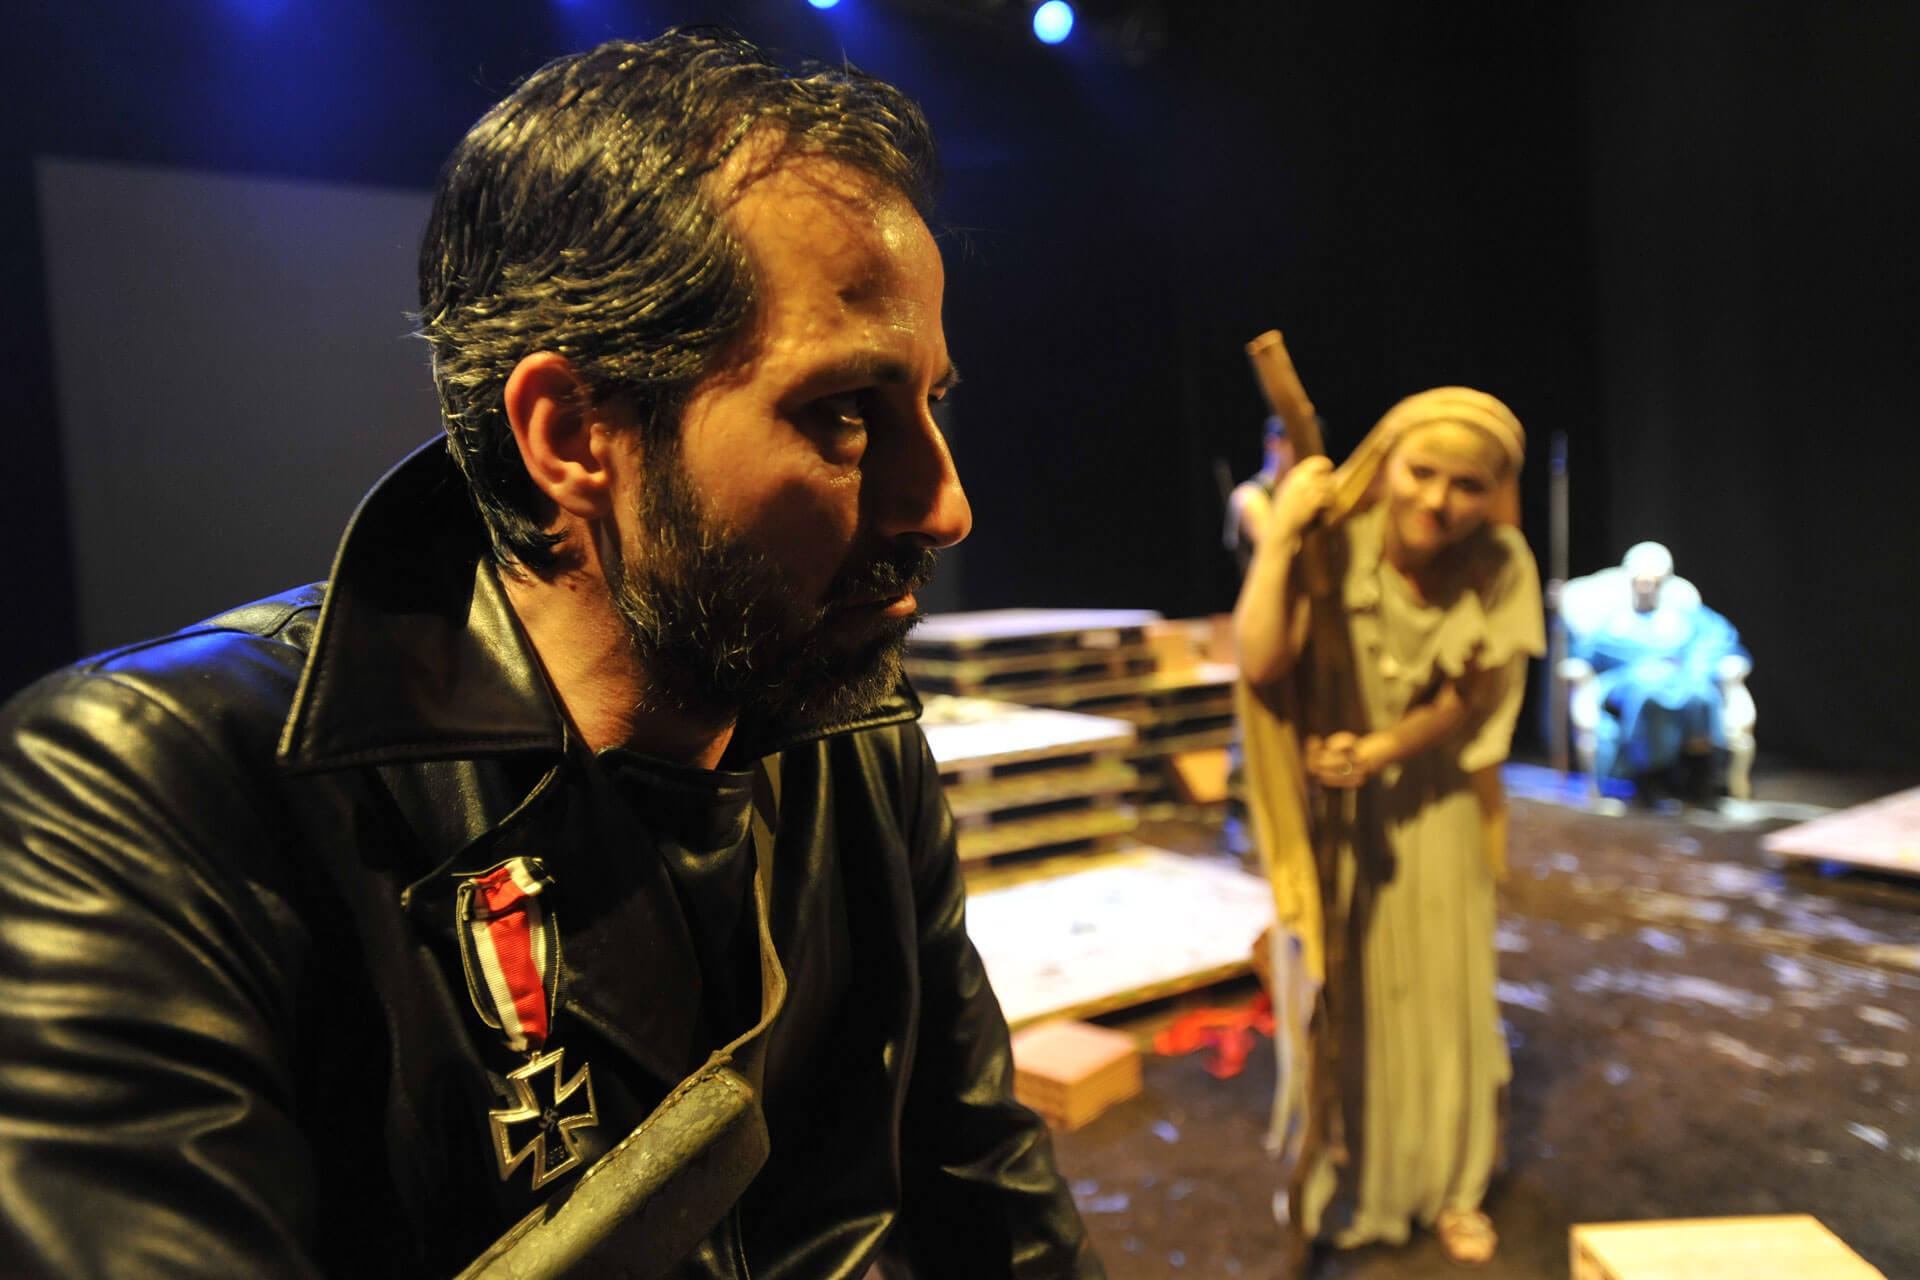 scuola-di-teatro-colli-troiane-baccanti-2010-11